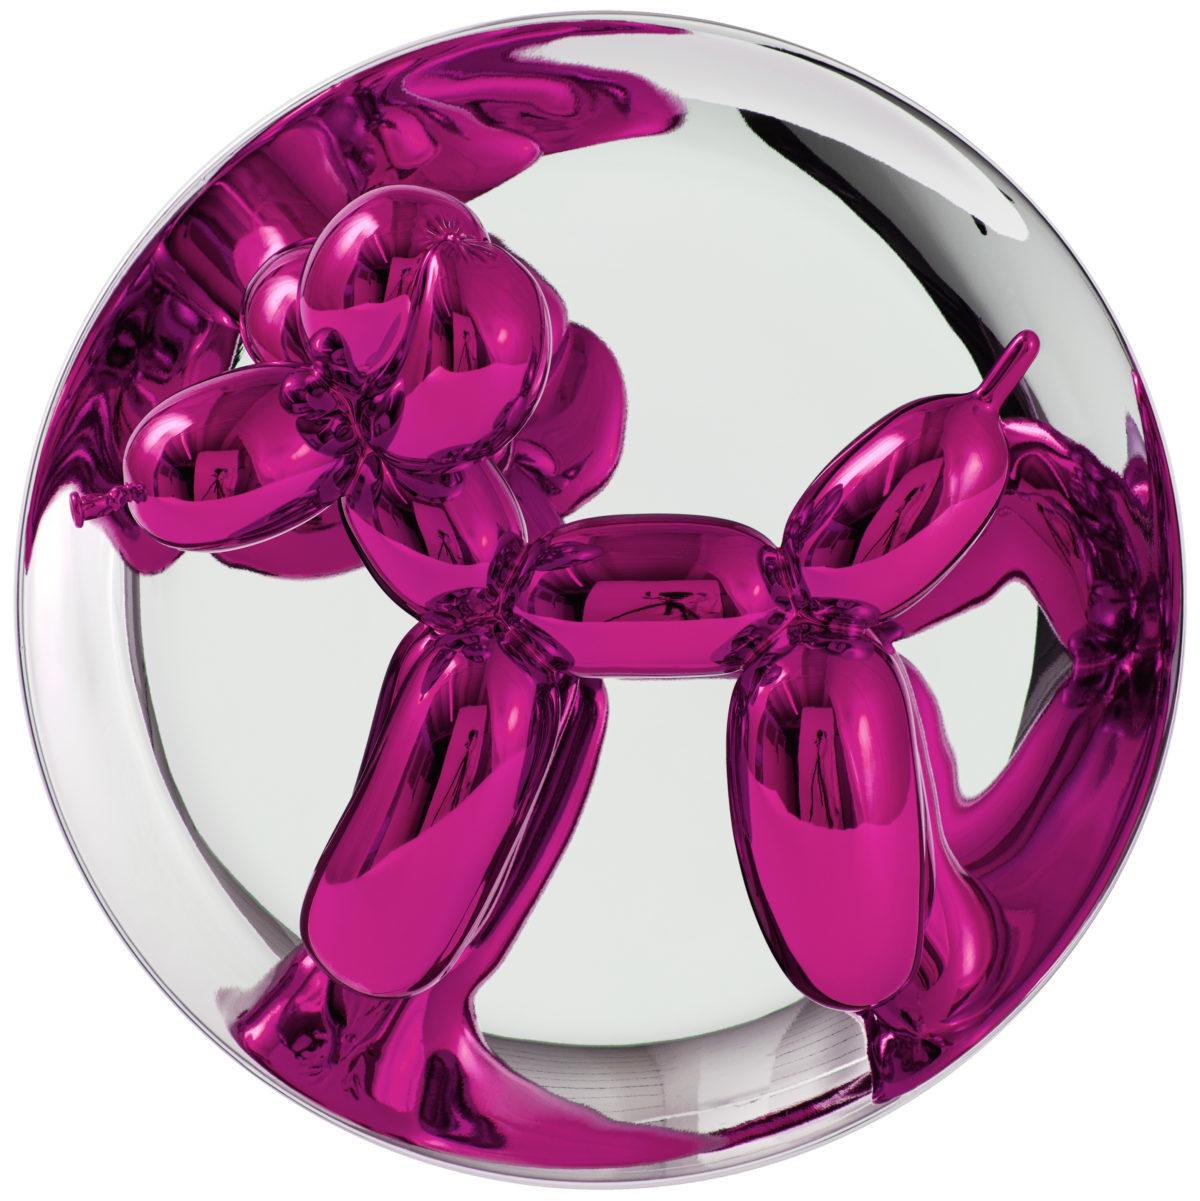 KOONS_Balloon dogs plate magenta copyright © Jeff Koons